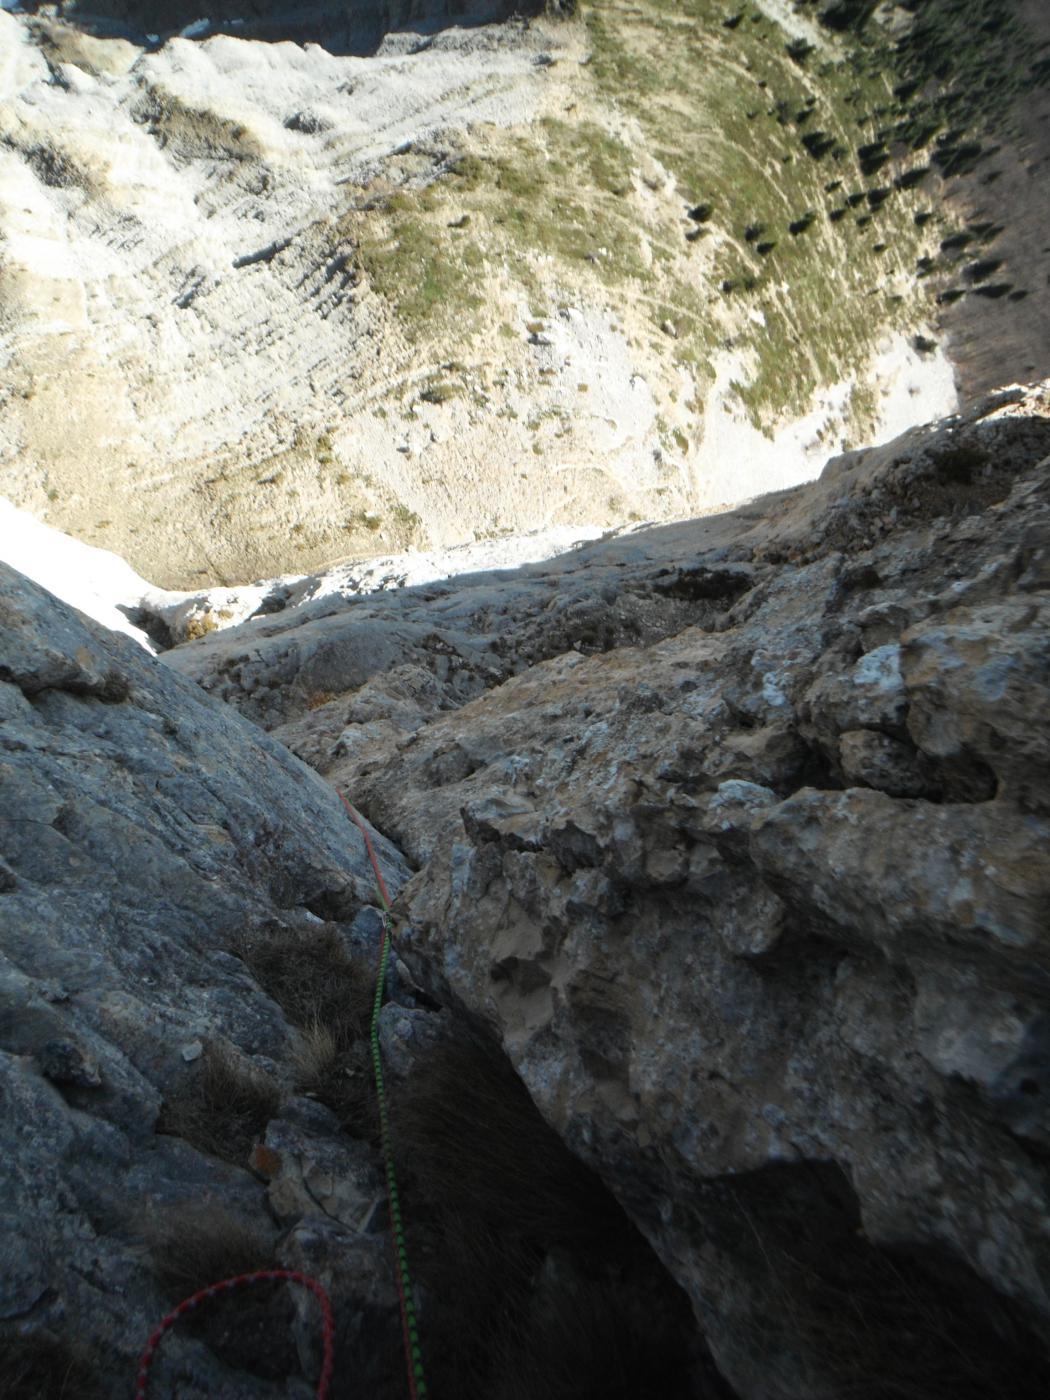 diedro con roccia molto scolpita dalla sosta del nono tiro